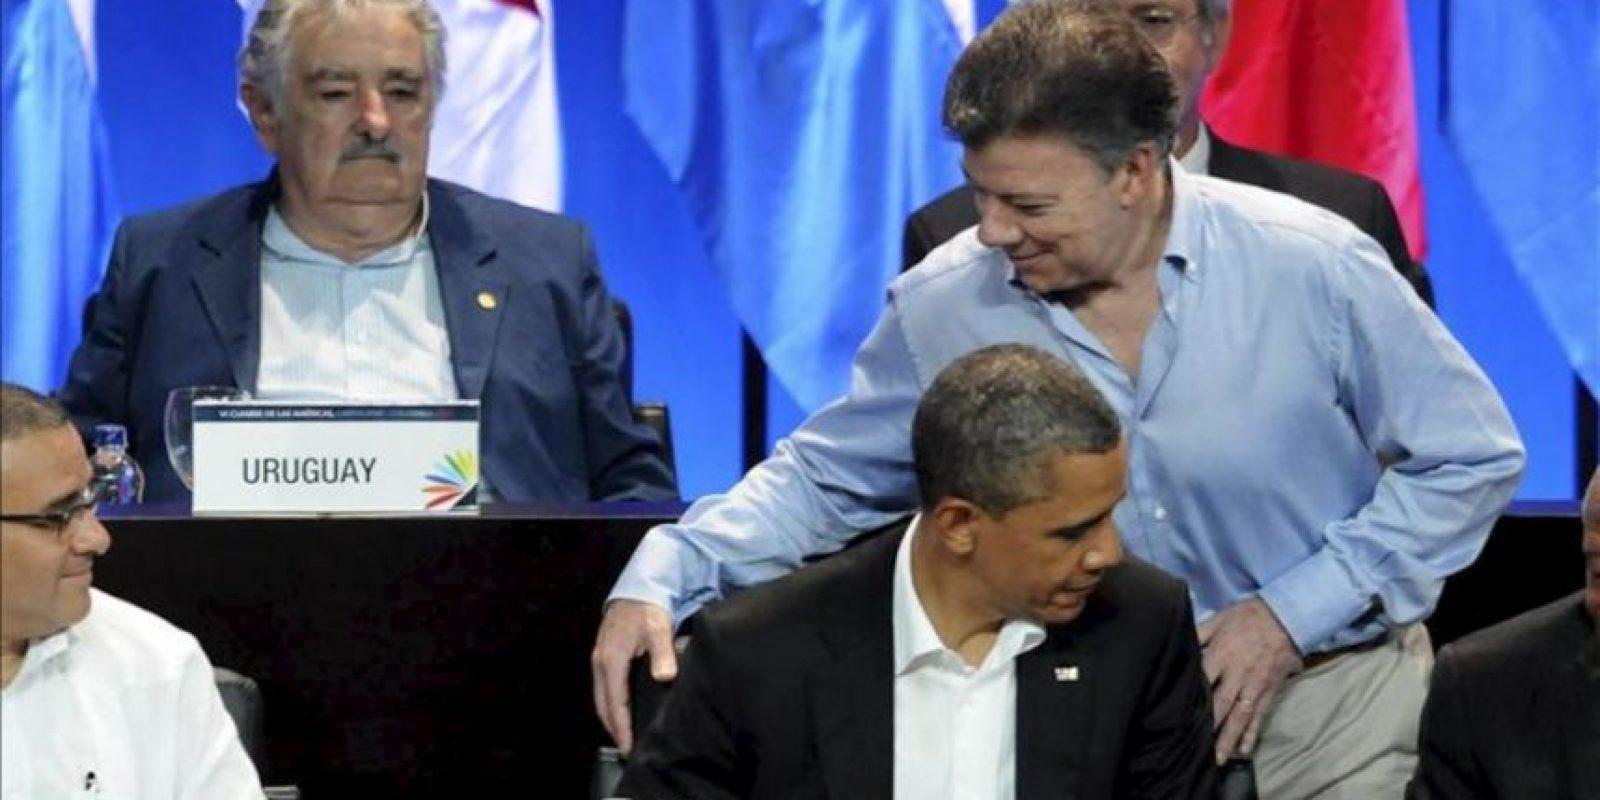 El presidente de Colombia, Juan Manuel Santos (d), pasa junto a su homólogo de EE.UU., Barack Obama (abajo), mientras el presidente de Uruguay, José Mujica (i), observa durante la ceremonia inaugural de la VI Cumbre de las Américas en Cartagena de Indias (Colombia). EFE